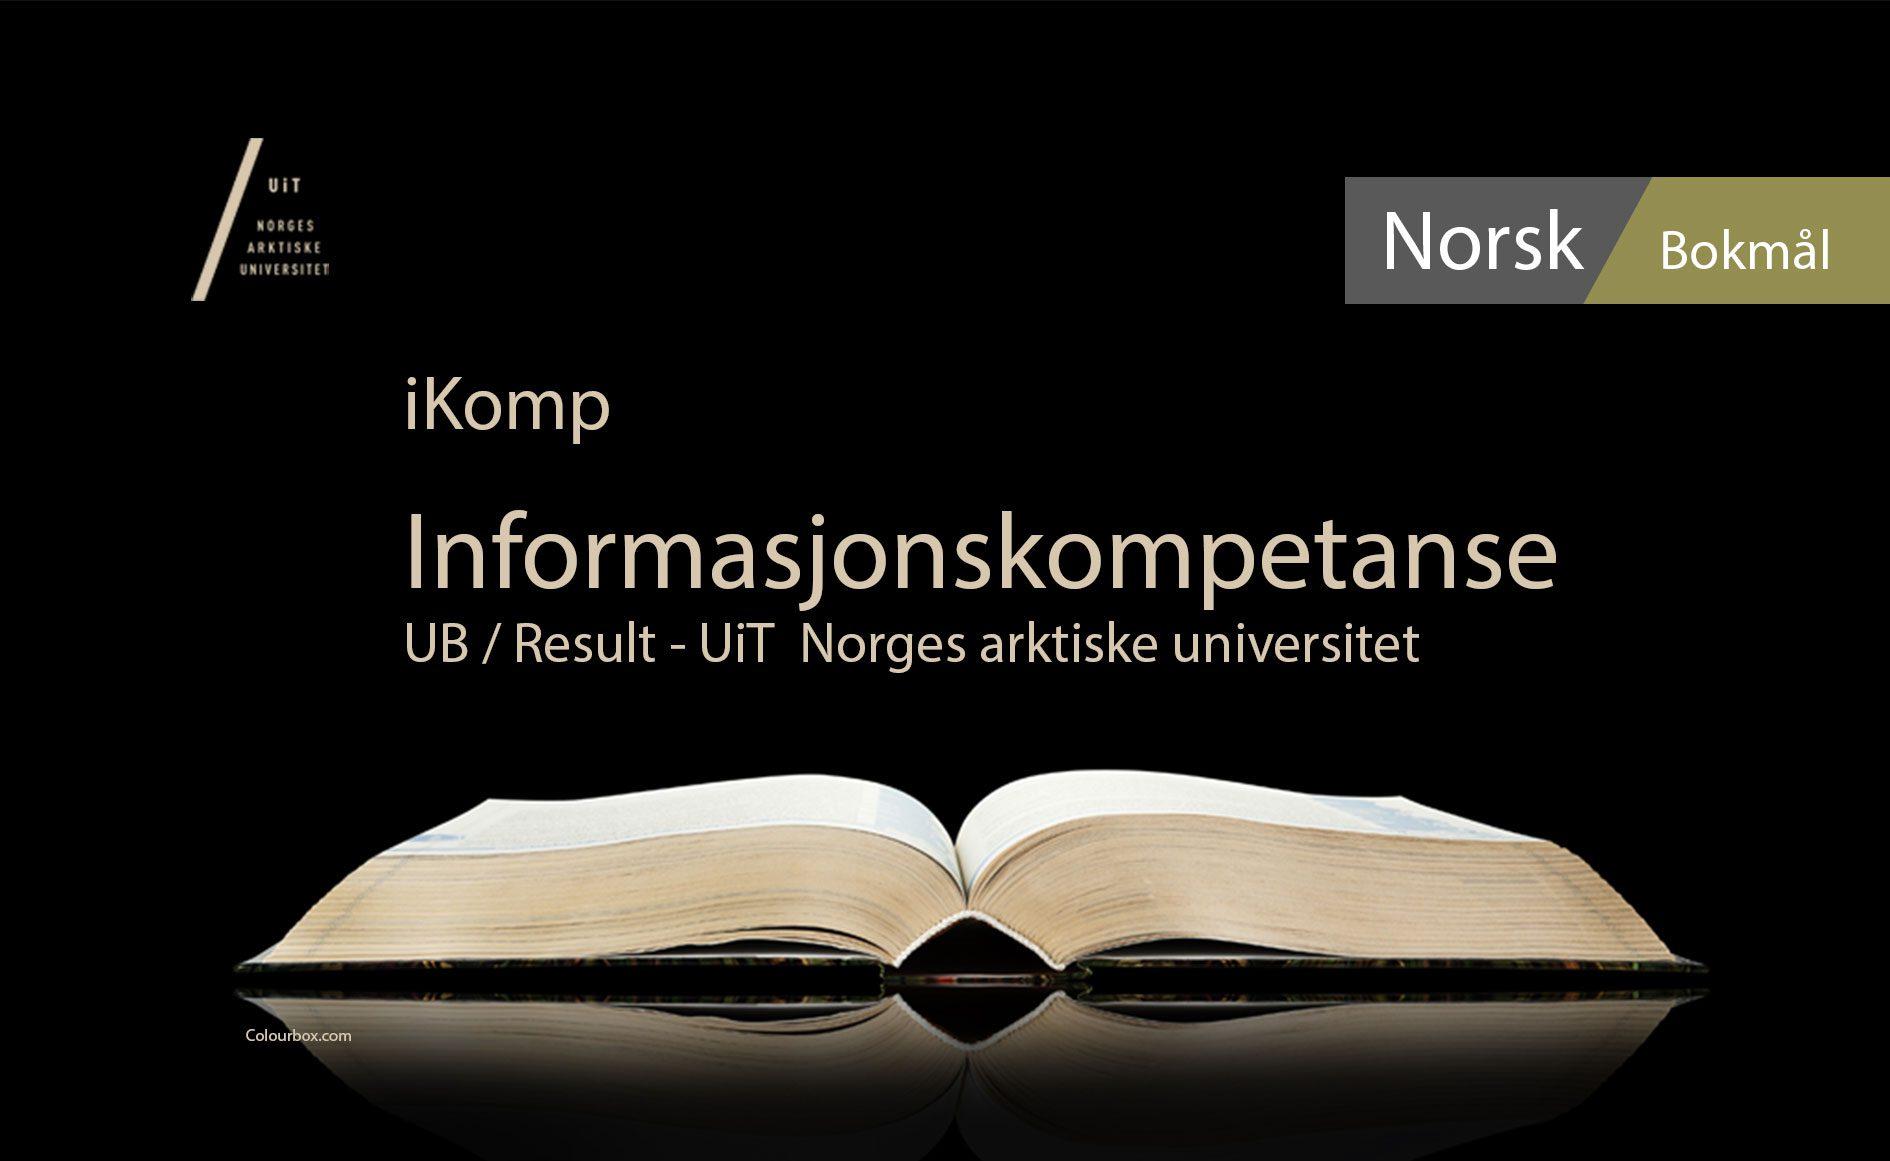 Norsk versjon